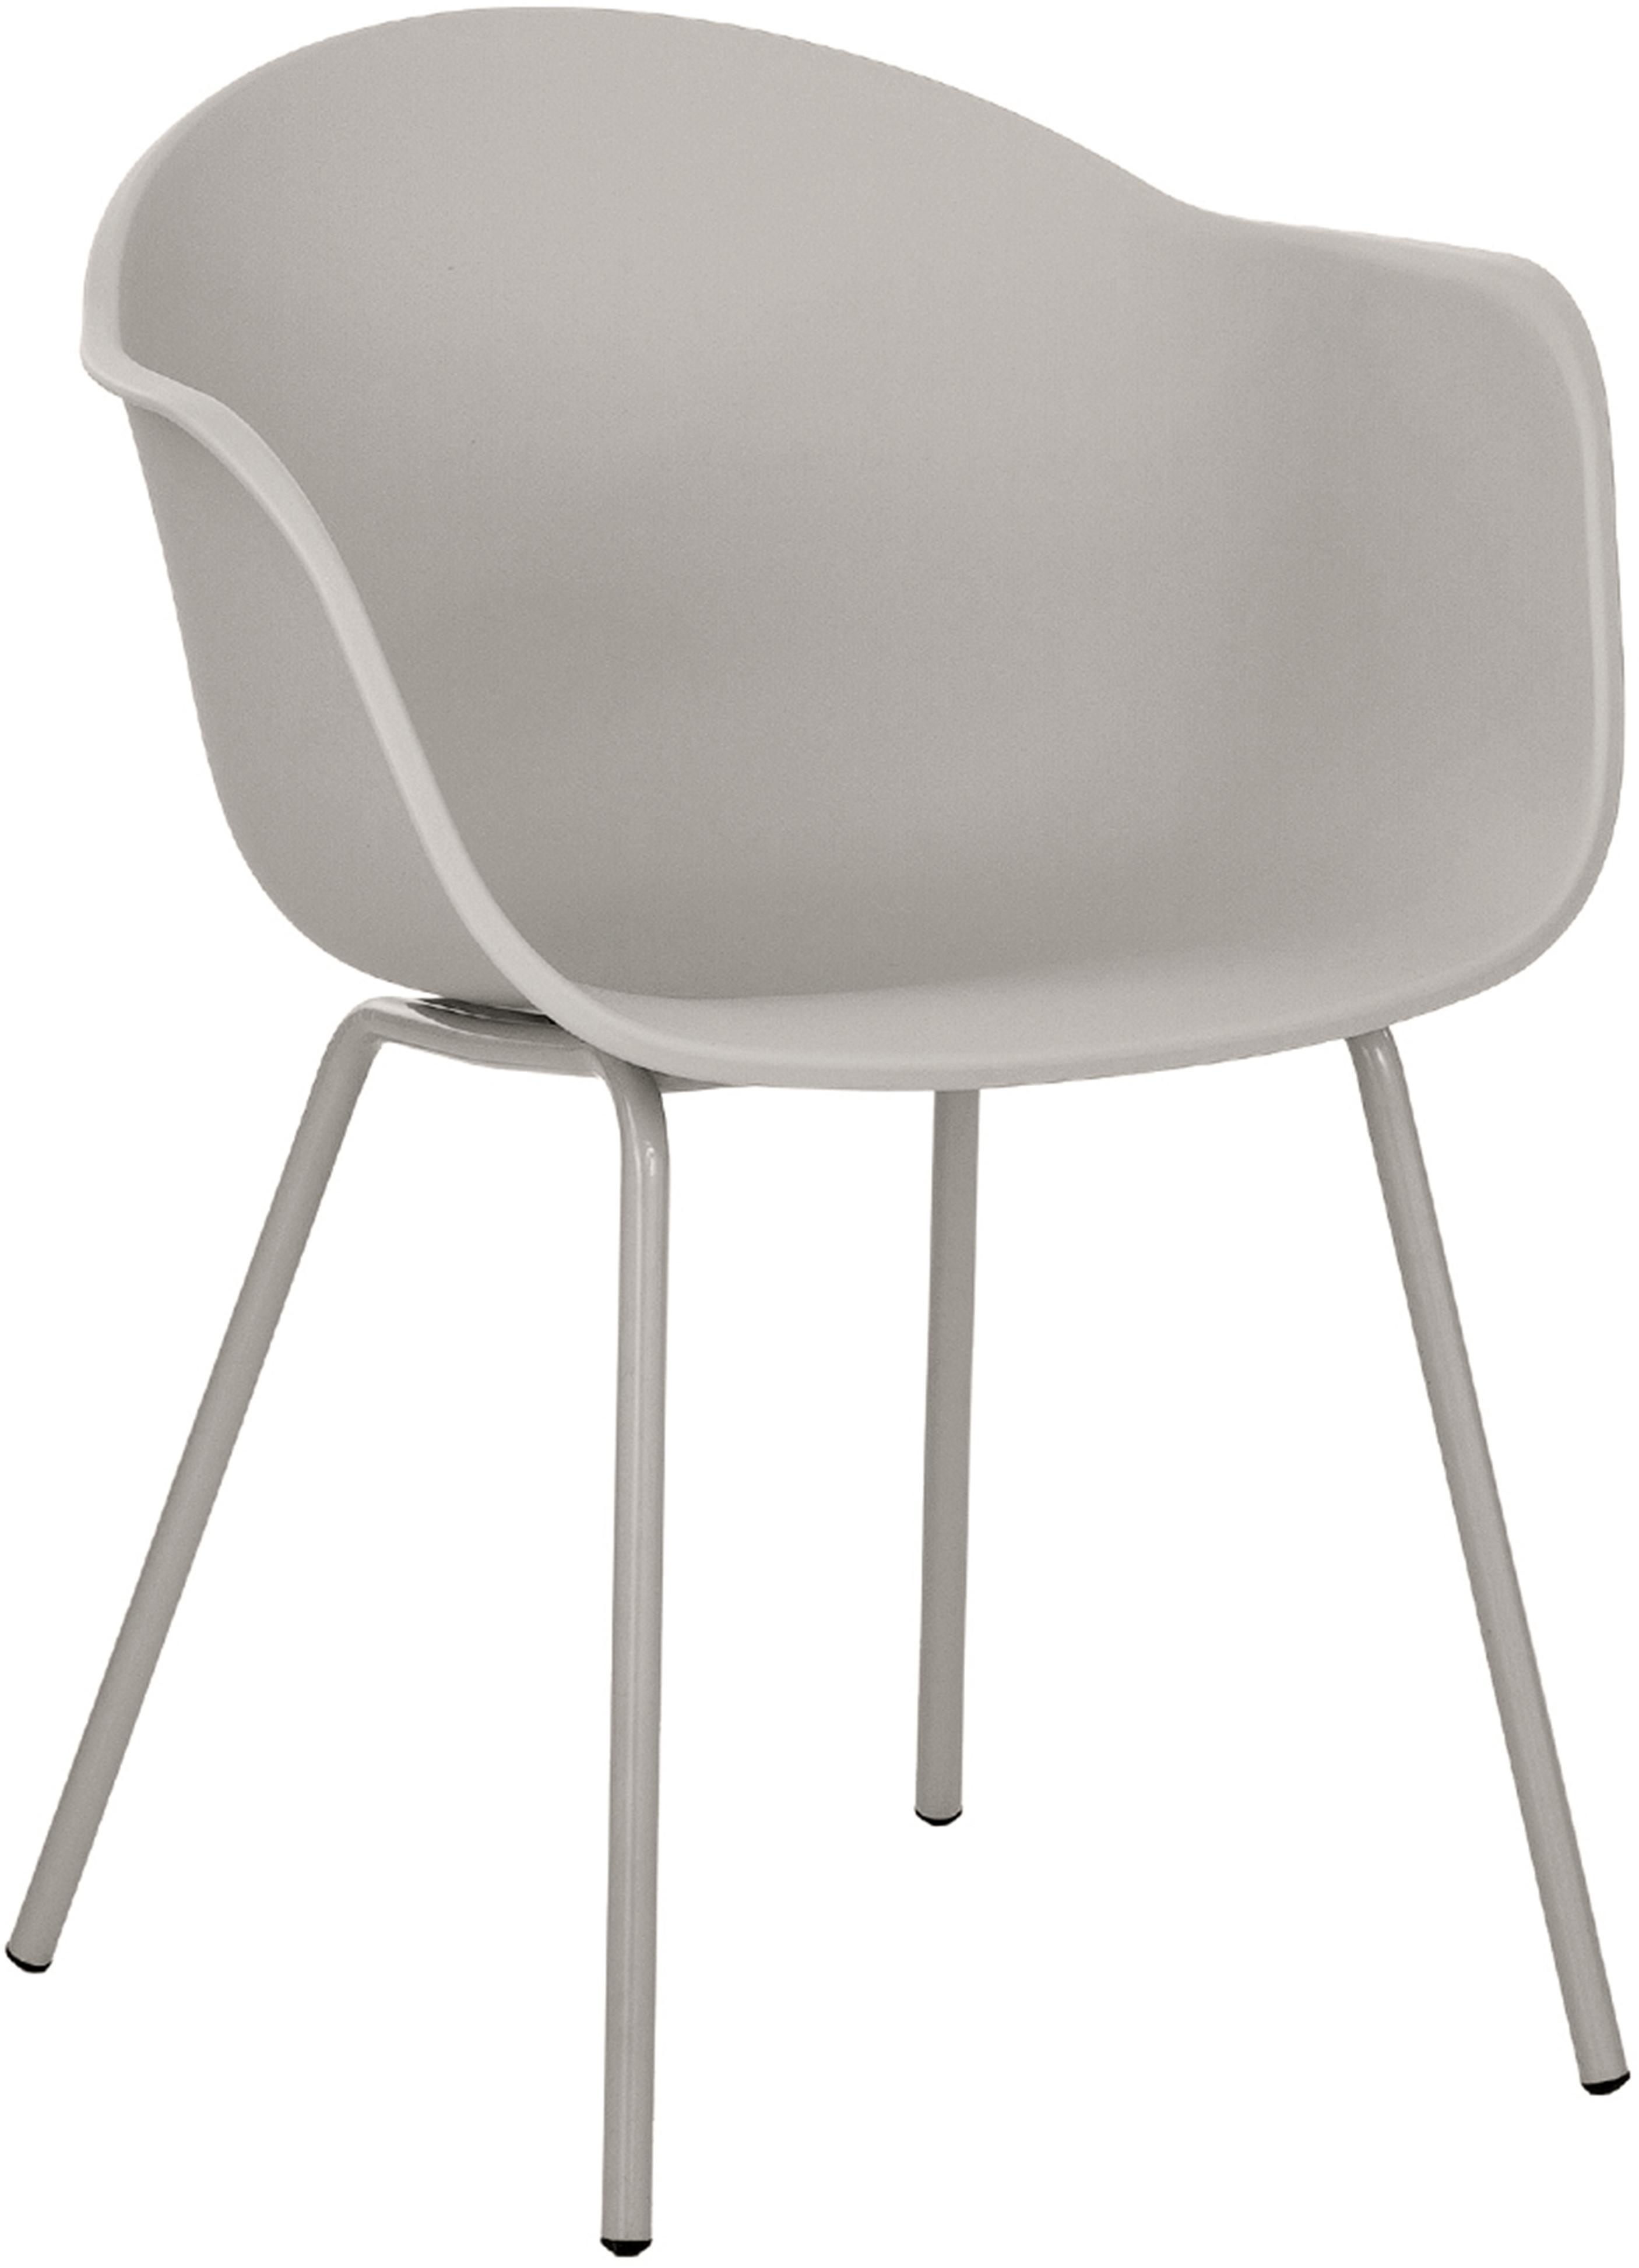 Sedia con braccioli in plastica con gambe in metallo Claire, Seduta: materiale sintetico, Gambe: metallo verniciato a polv, Grigio beige, Larg. 54 x Prof. 60 cm